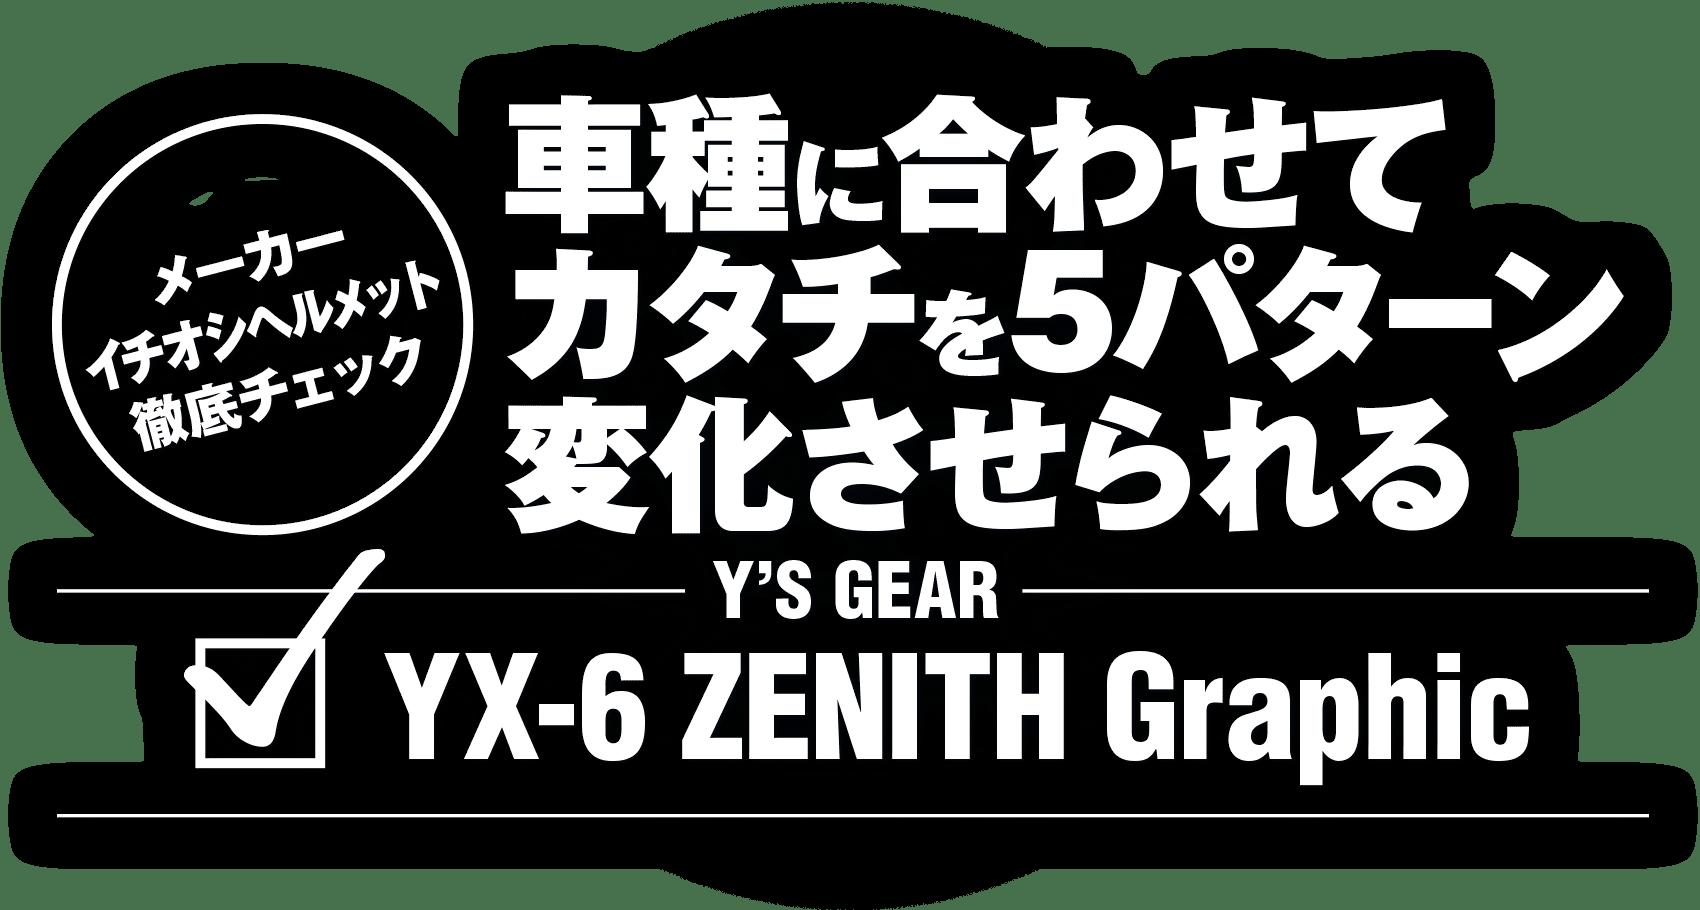 """車種に合わせてカタチを5パターン変化させられる """"Y'S GEAR YX-6 ZENITH Graphic"""""""